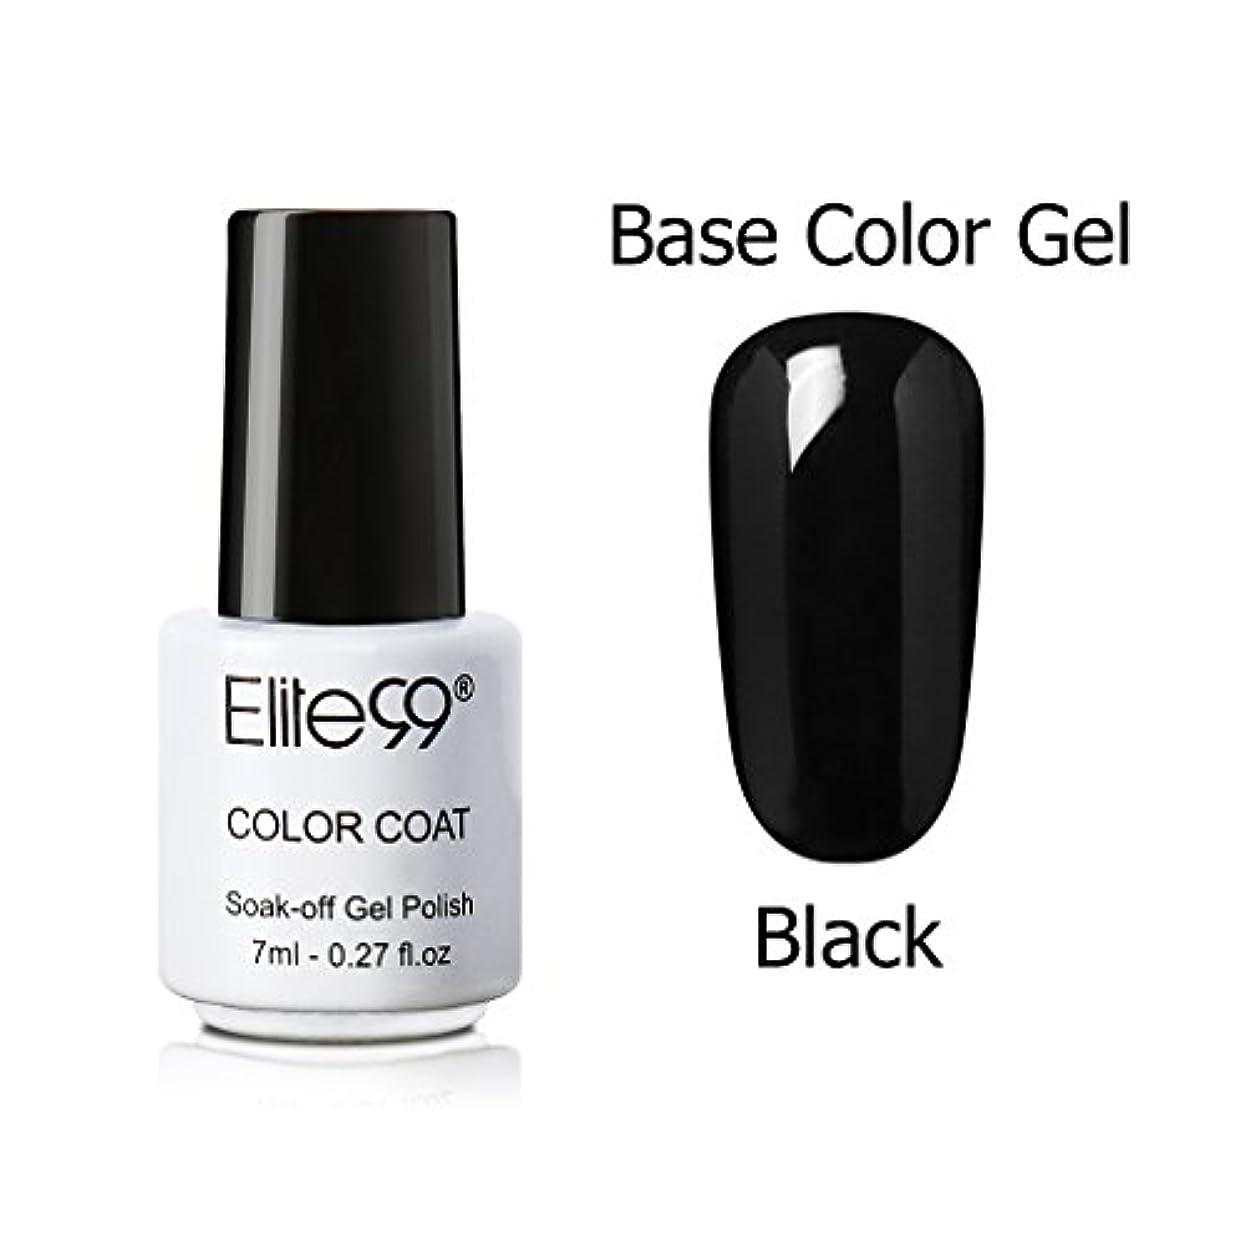 主流哺乳類活性化ジェルネイル カラージェル ベースカラーコート ブラック 1色入り 7ml 【全4色選択可】